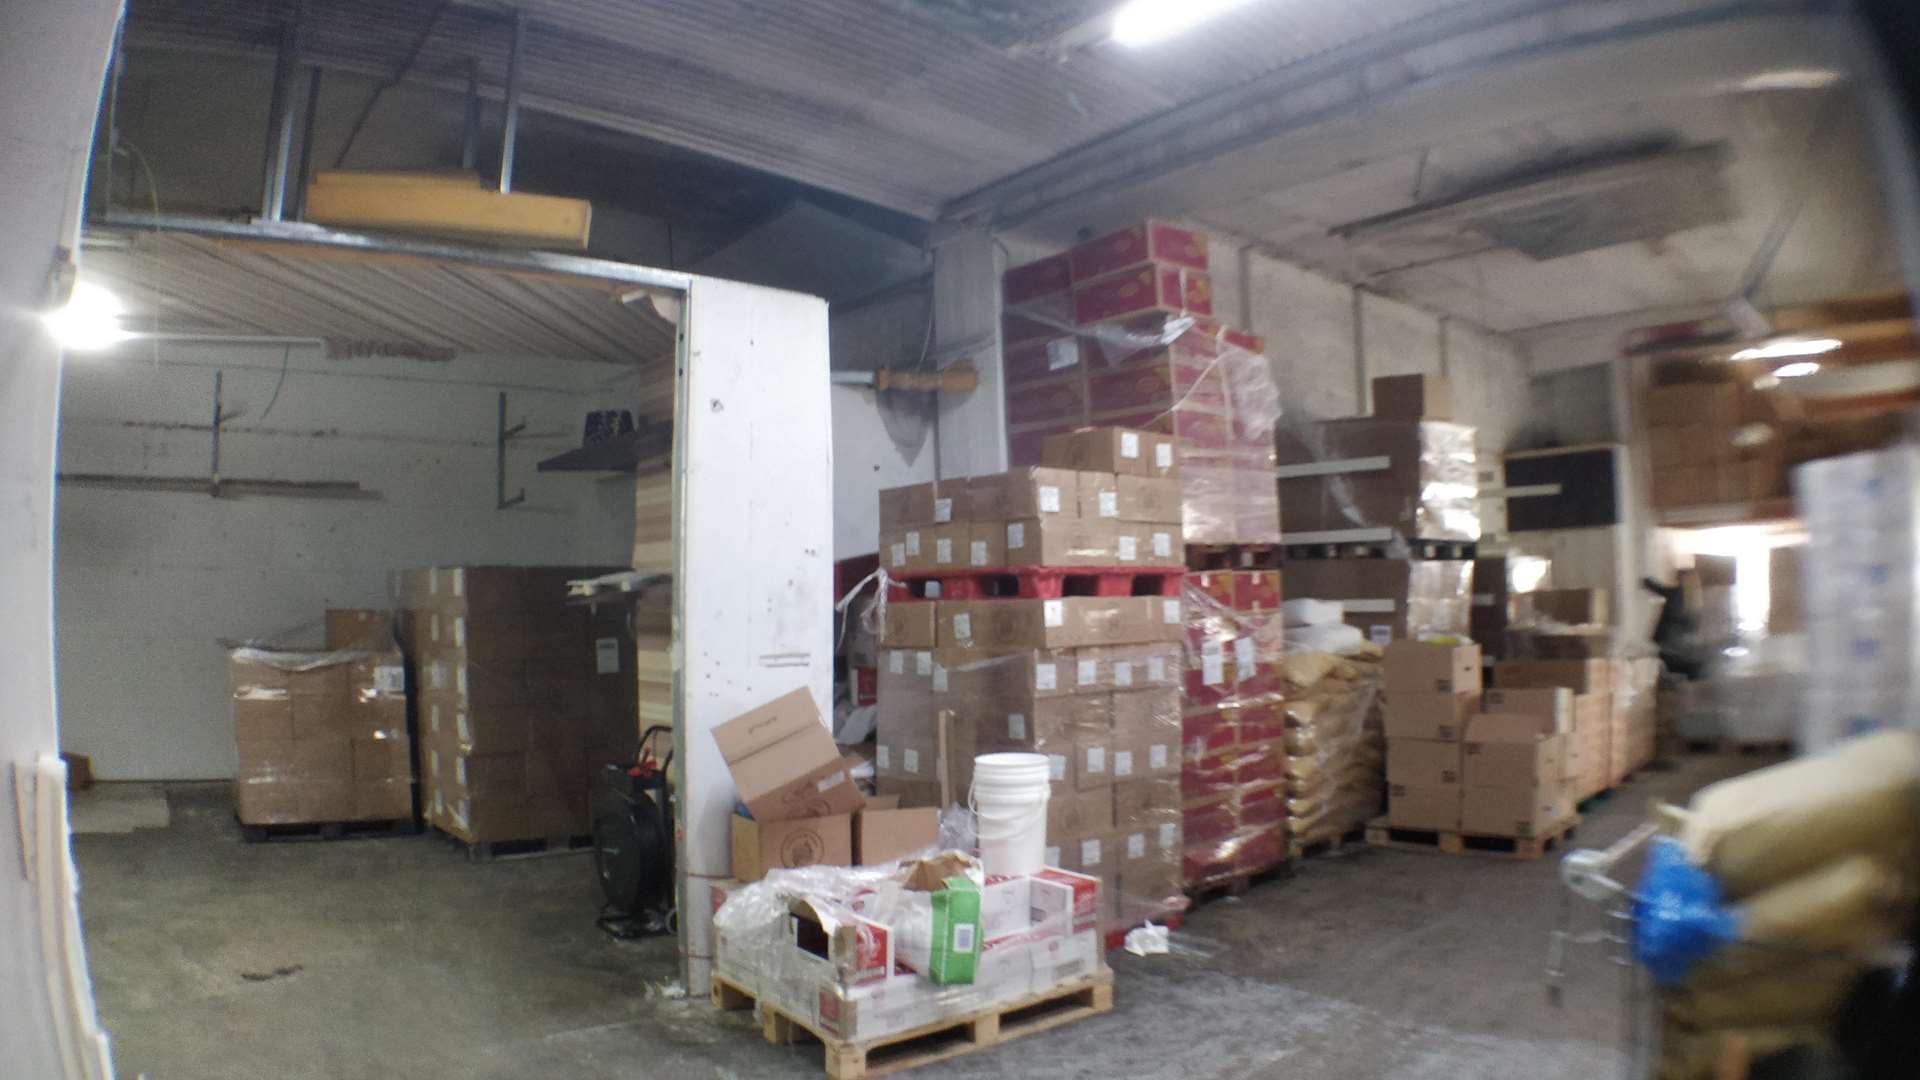 מחסנים השכרה ברעננה מחסן עם תקרה גבוהה,חשמל תלת פאזי כ200 מר